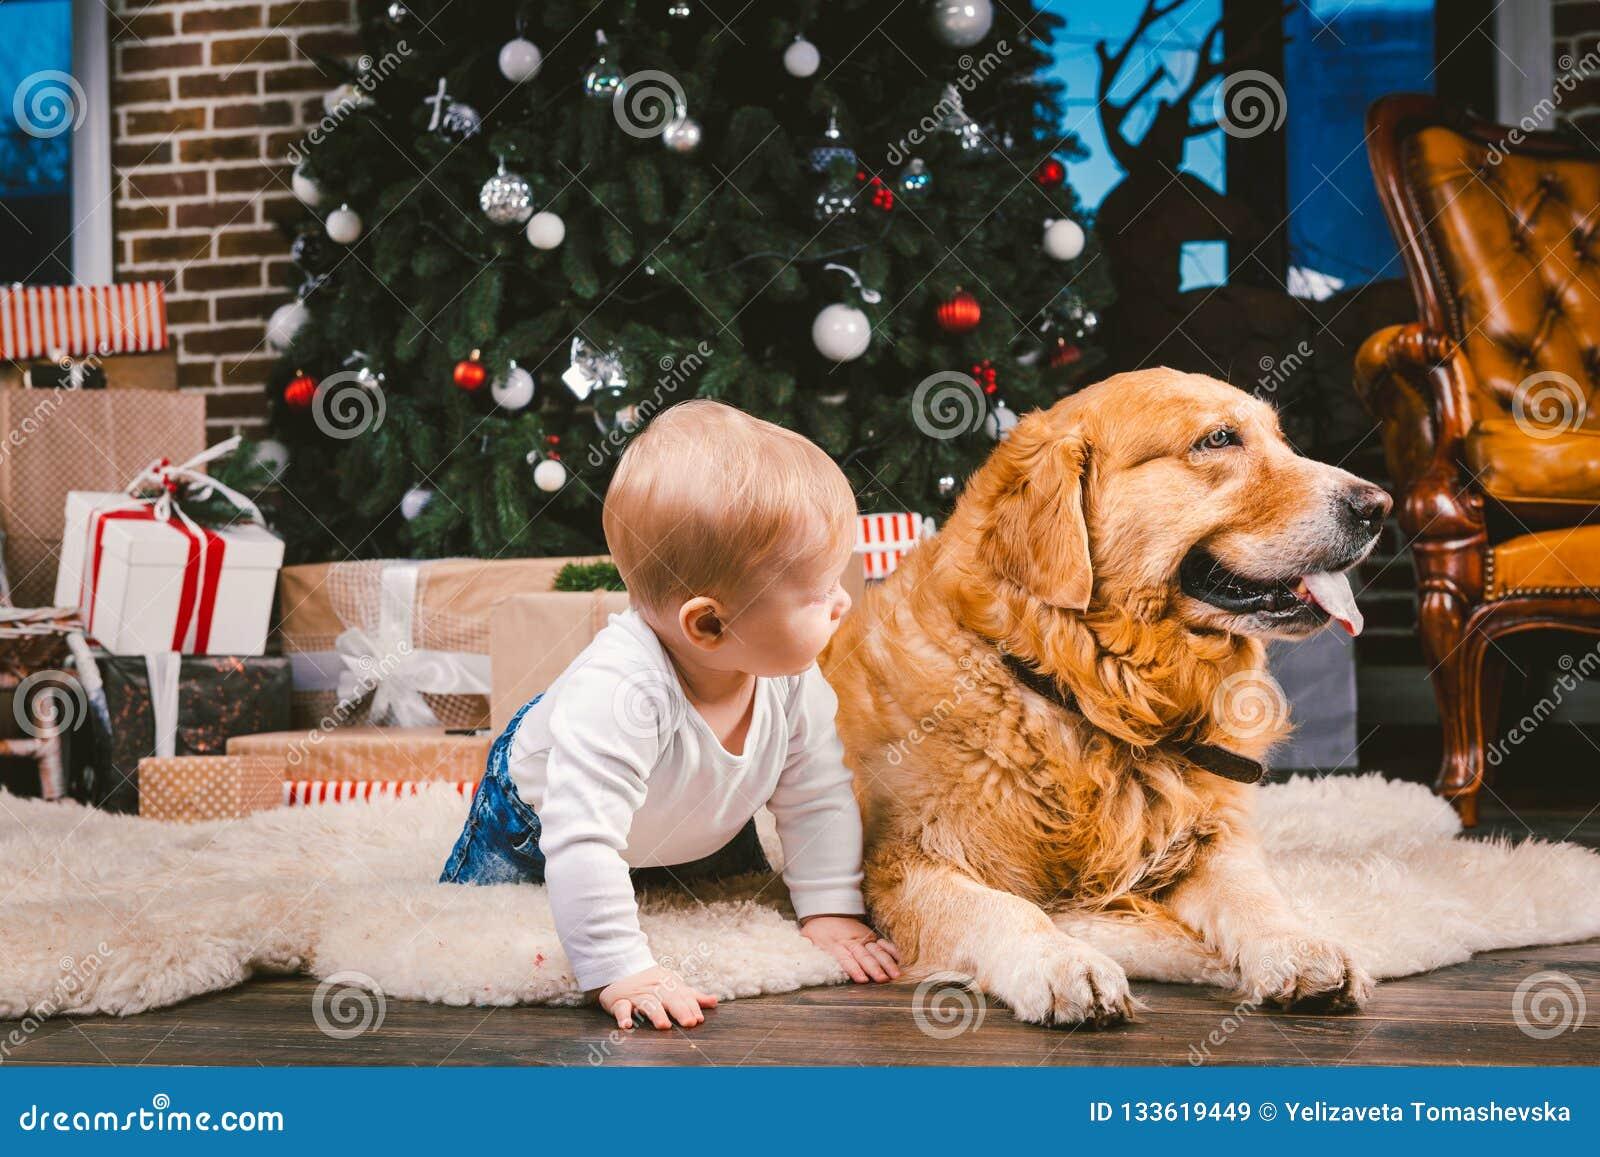 Criança do homem da amizade e animal de estimação do cão Feriados de inverno do ano novo do Natal do tema Bebê na árvore decorada